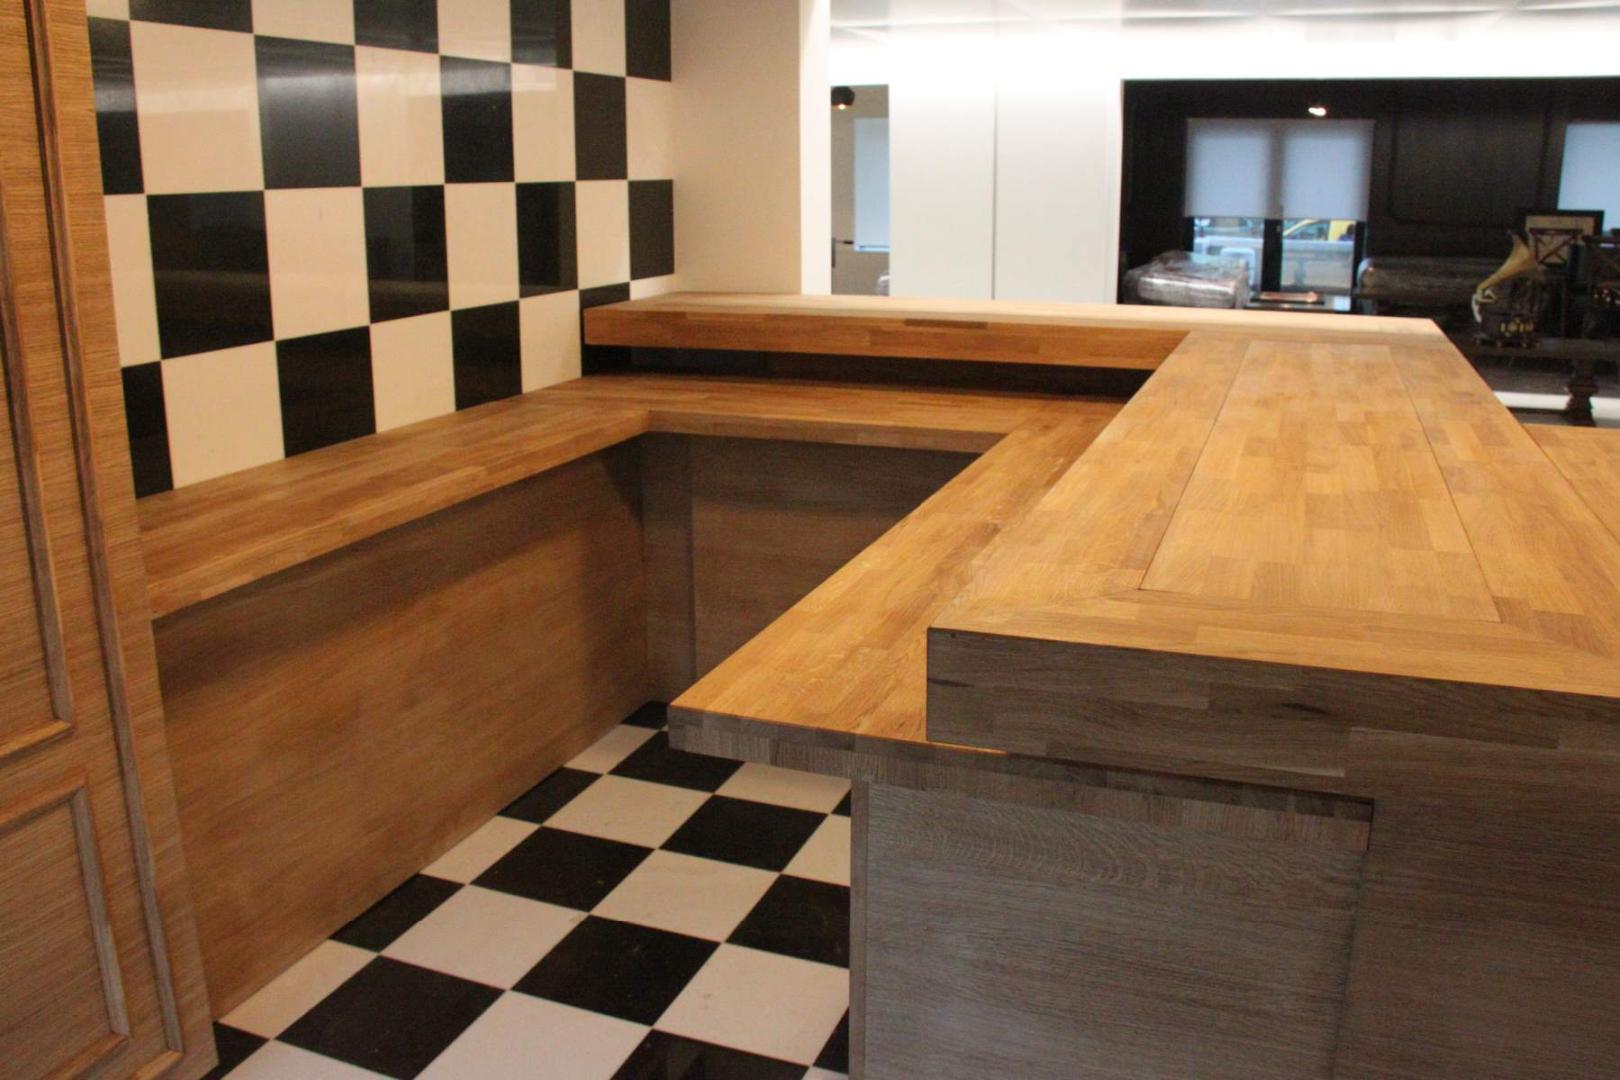 Art cafe mobilier horeca cafenea -lacari lemn masiv furnir bar scaune mese043